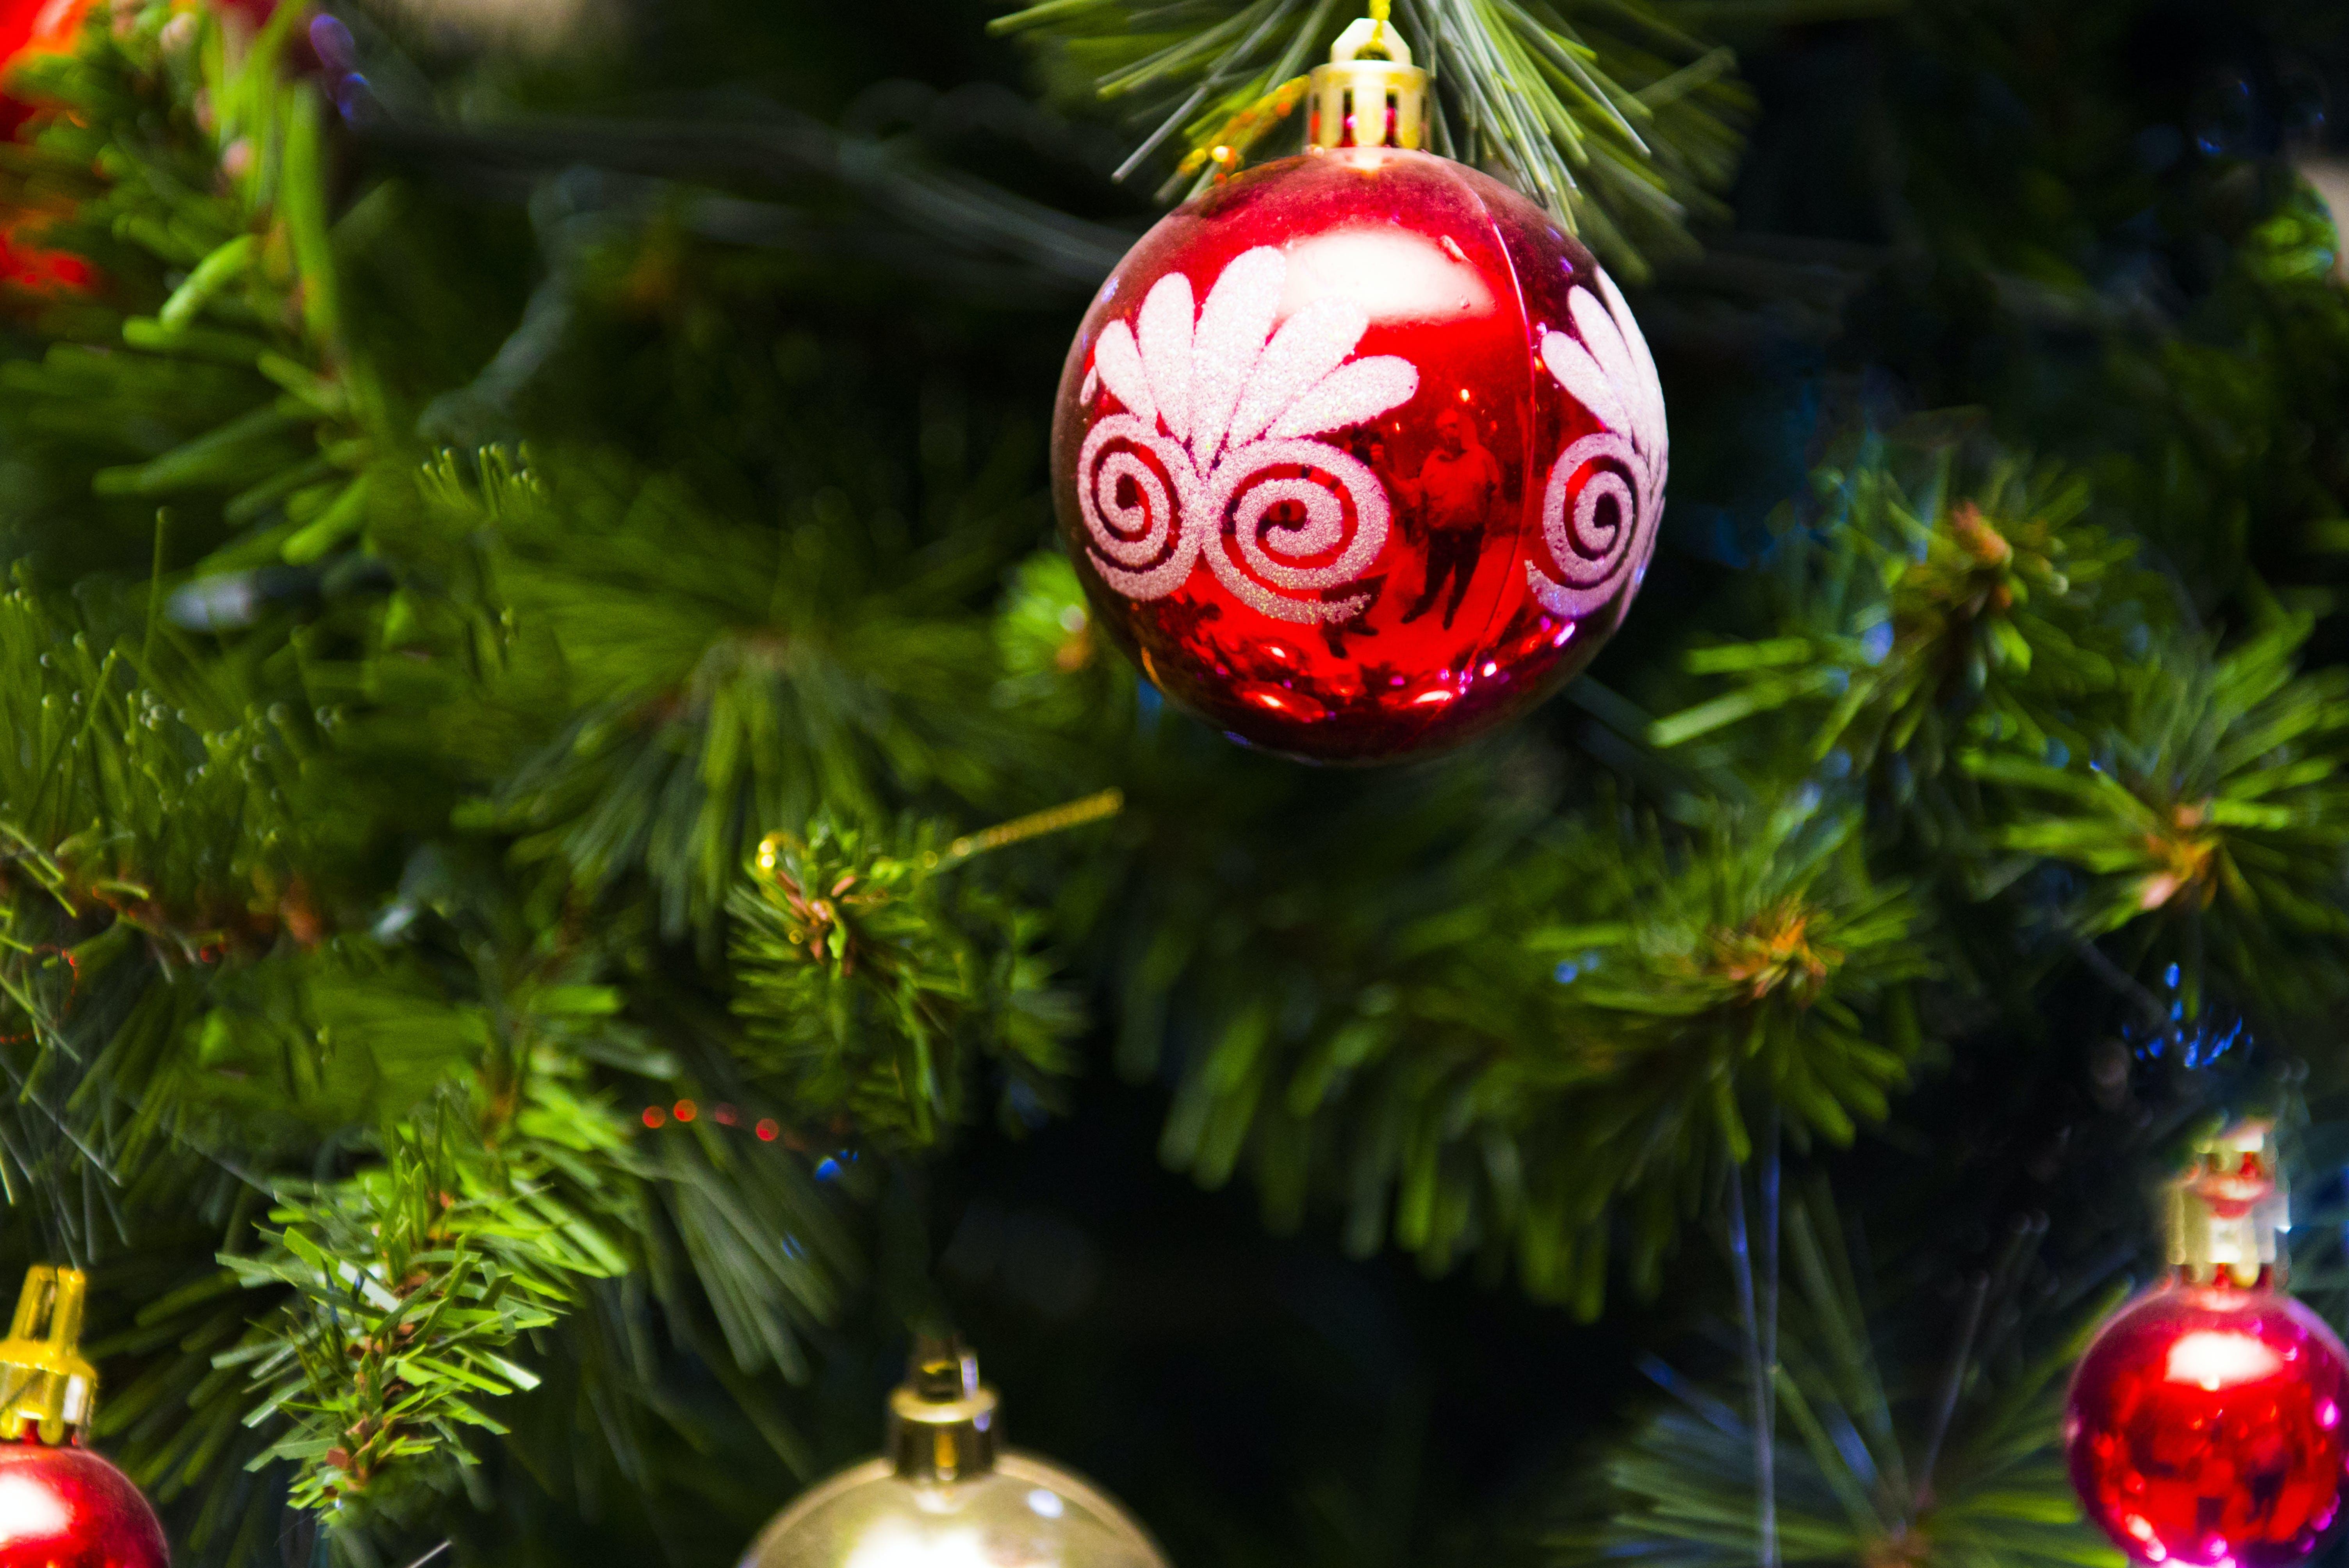 ぶら下がり, ぼかし, オーナメント, クリスマスの無料の写真素材